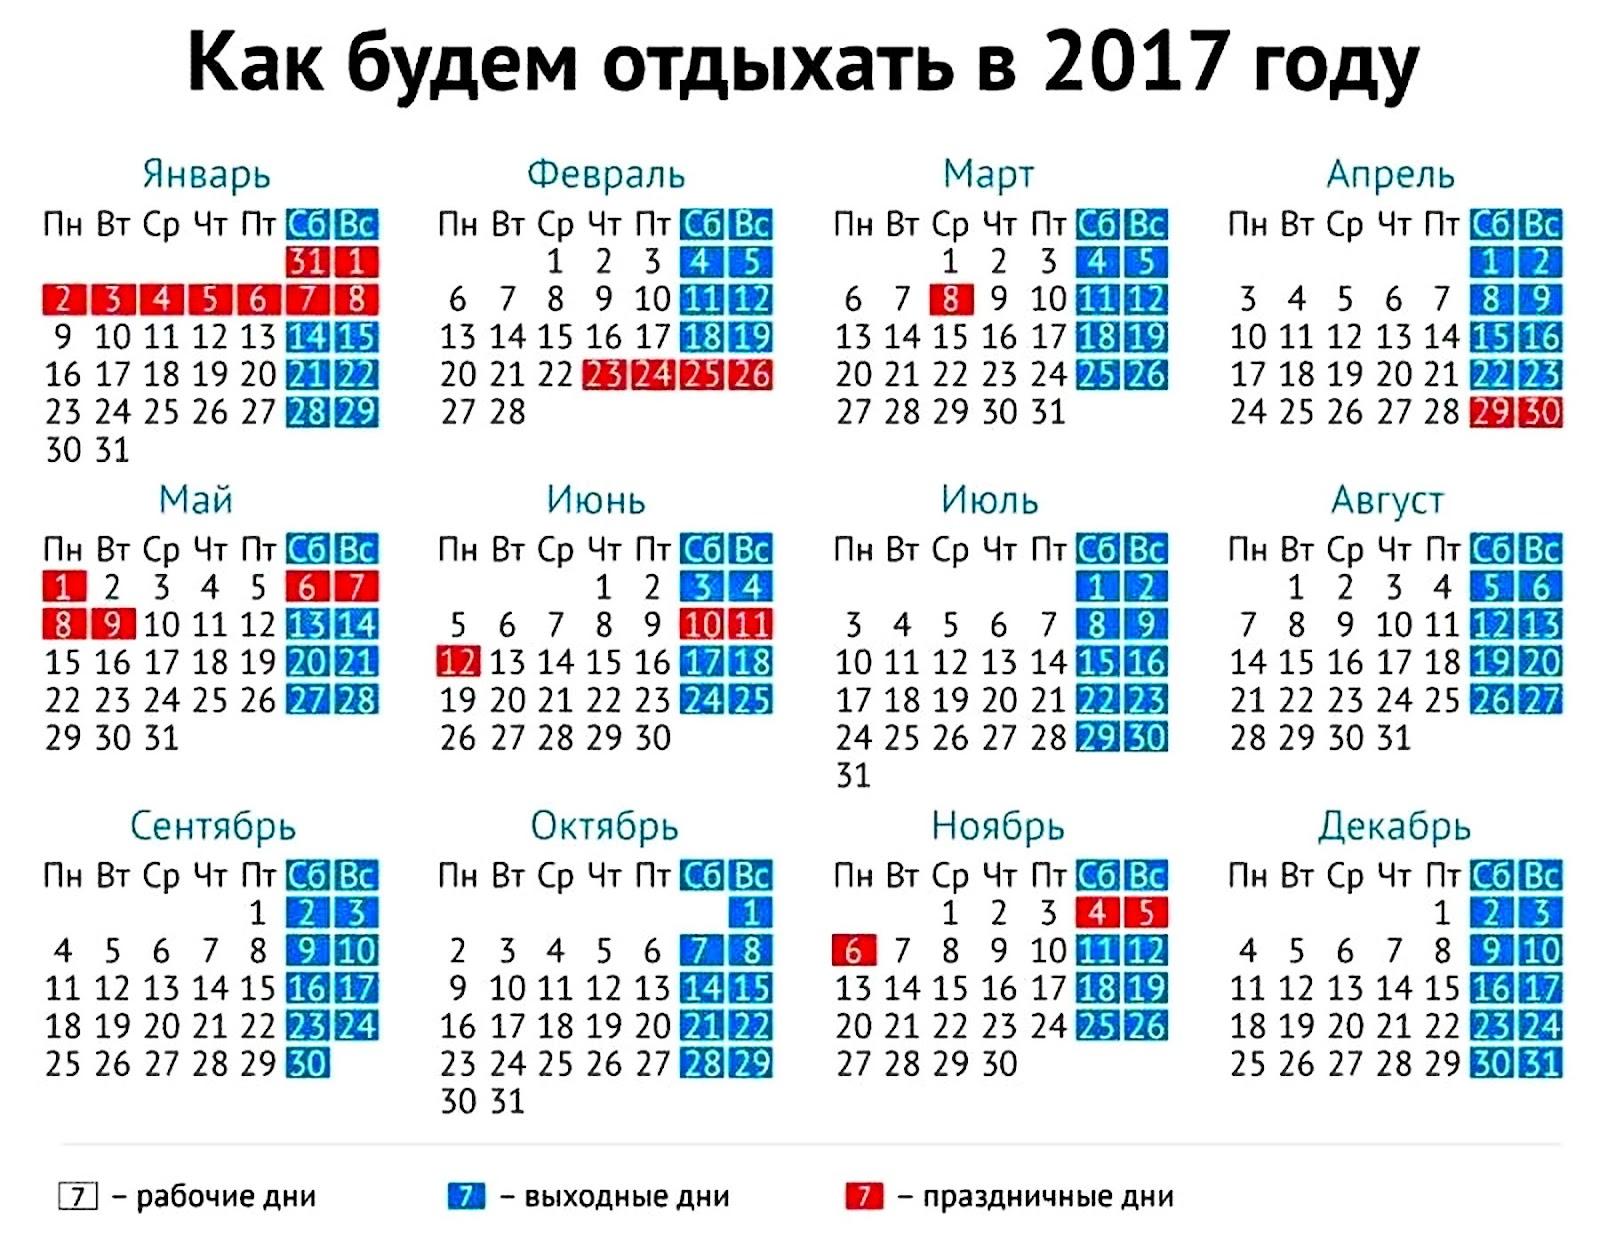 Праздничные дни на новый год 2017 в рф